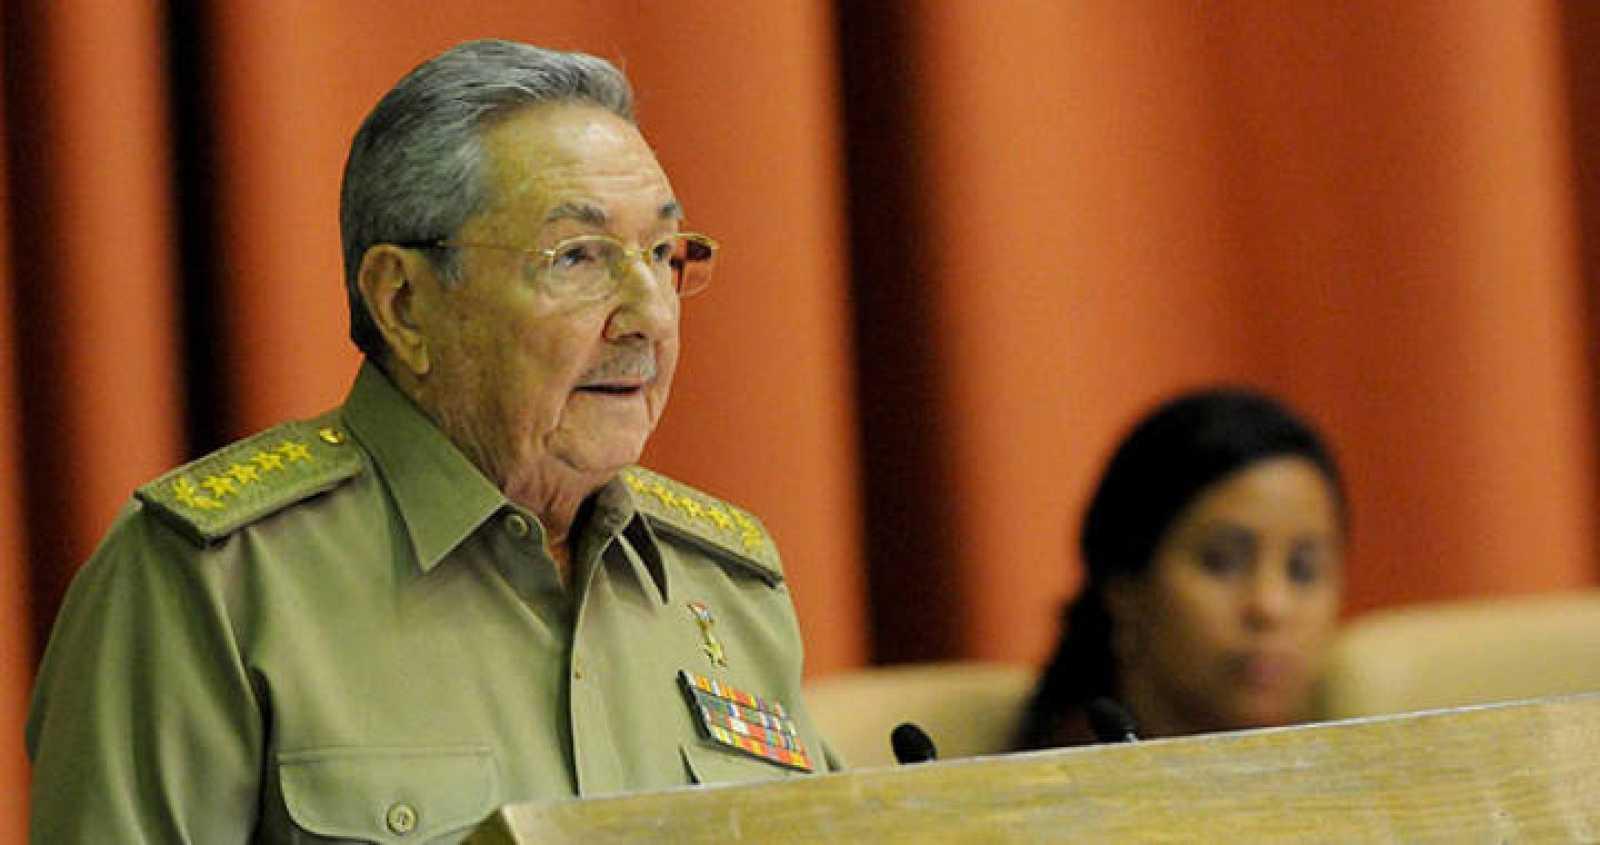 El presidente cubano, Raúl Castro, pronunciando un discurso durante la clausura de la primera sesión anual de la Asamblea Nacional, en el Palacio de Convenciones de La Habana, Cuba.